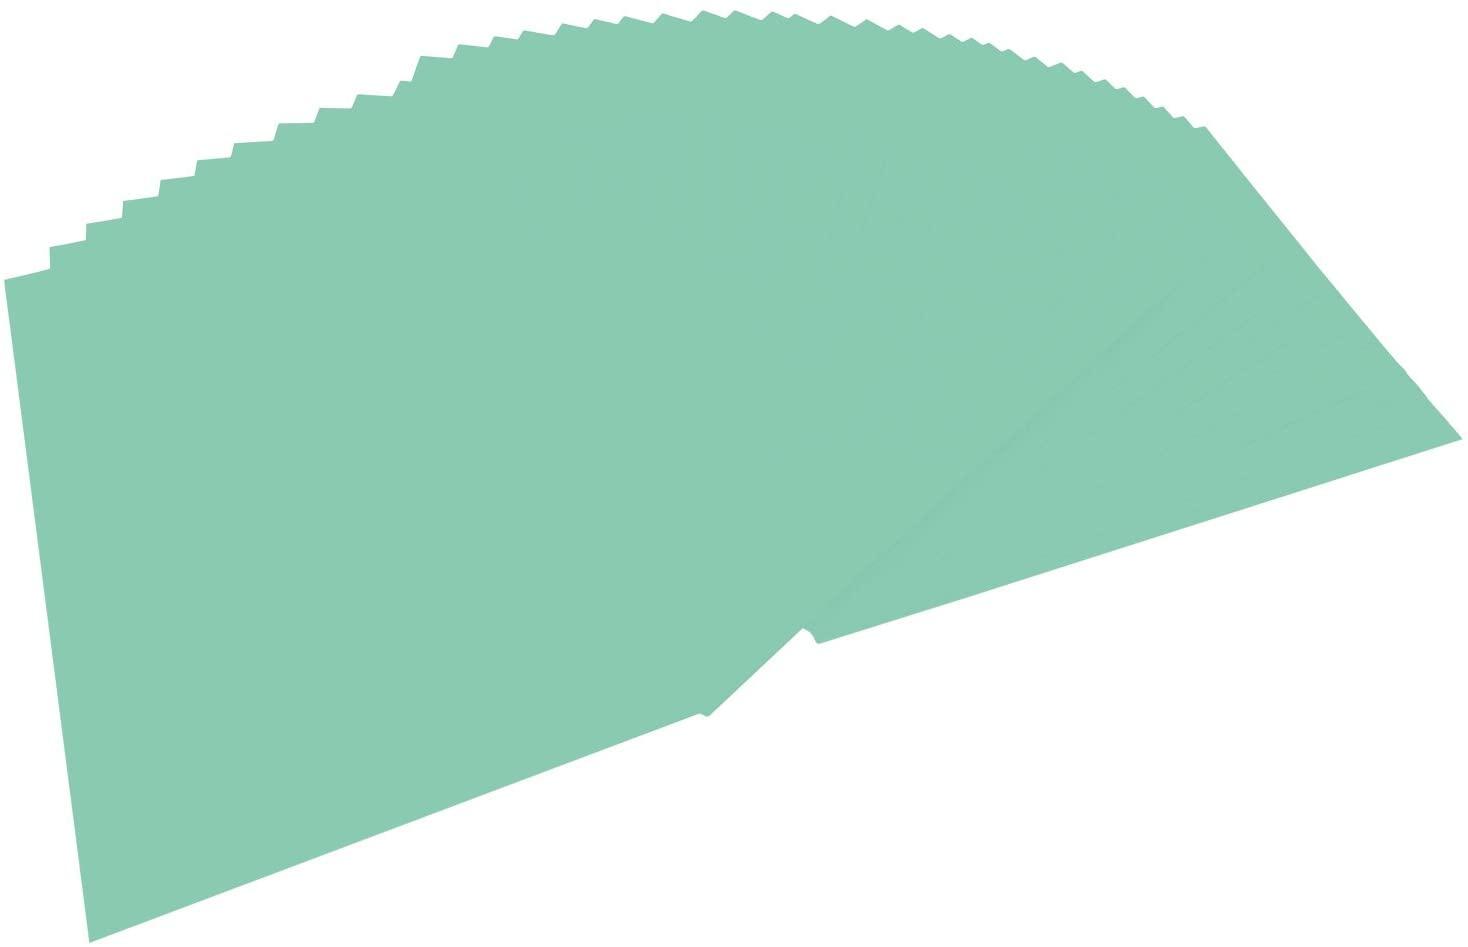 folia 6425 - Tonpapier mint, DIN A4, 130 g/qm, 100 Blatt - zum Basteln und kreativen Gestalten von K